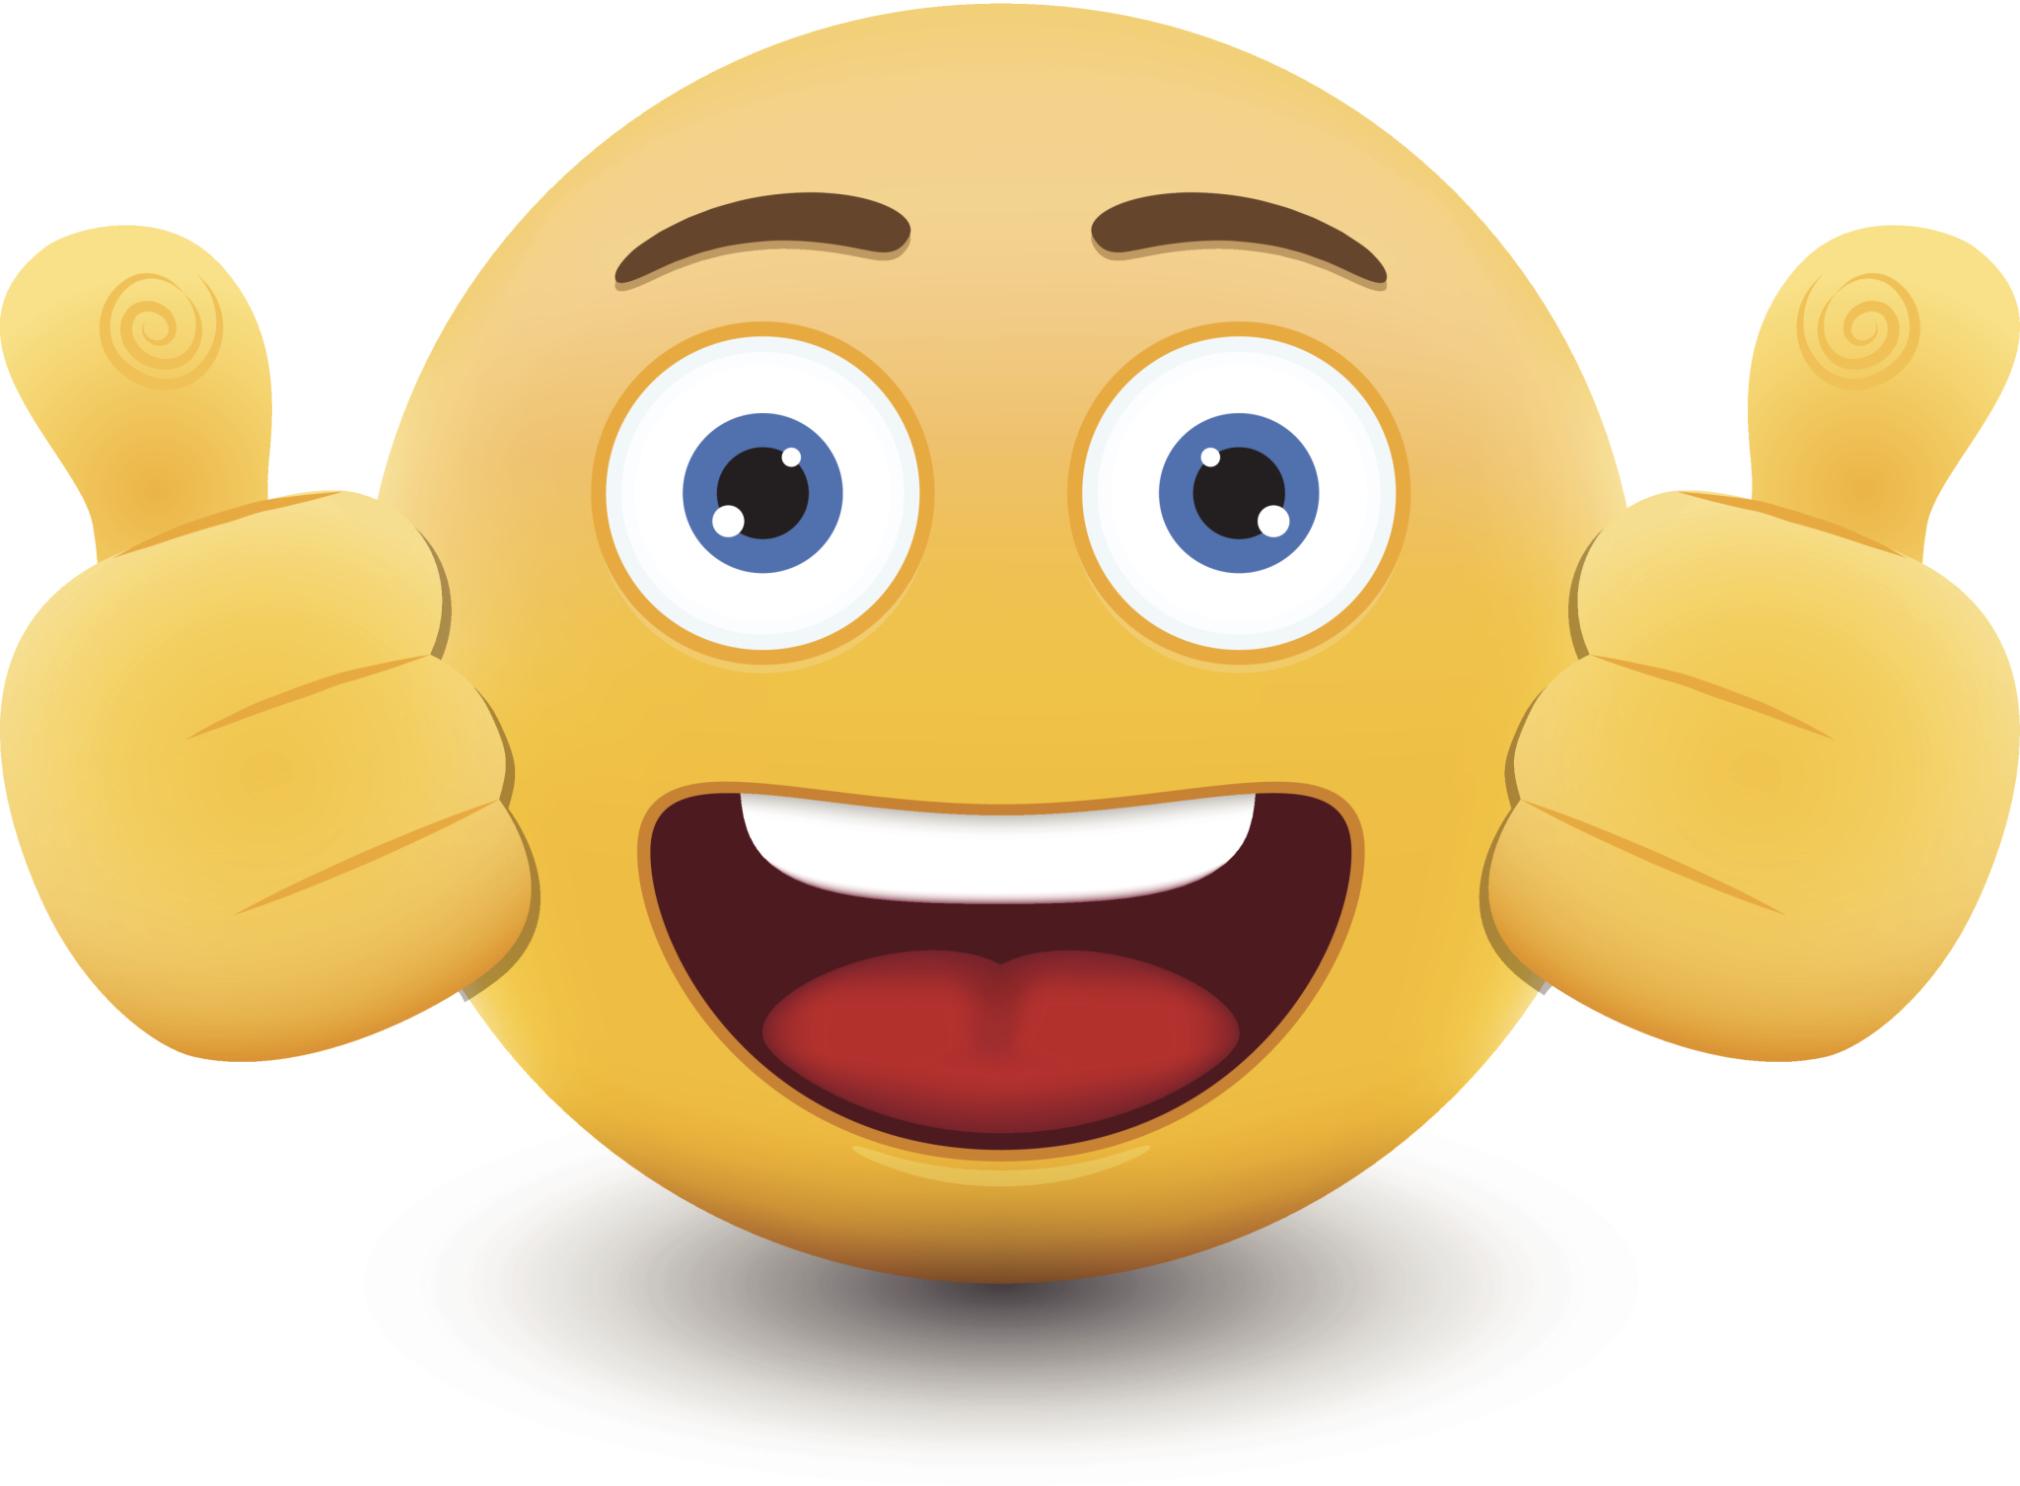 emoji_excited